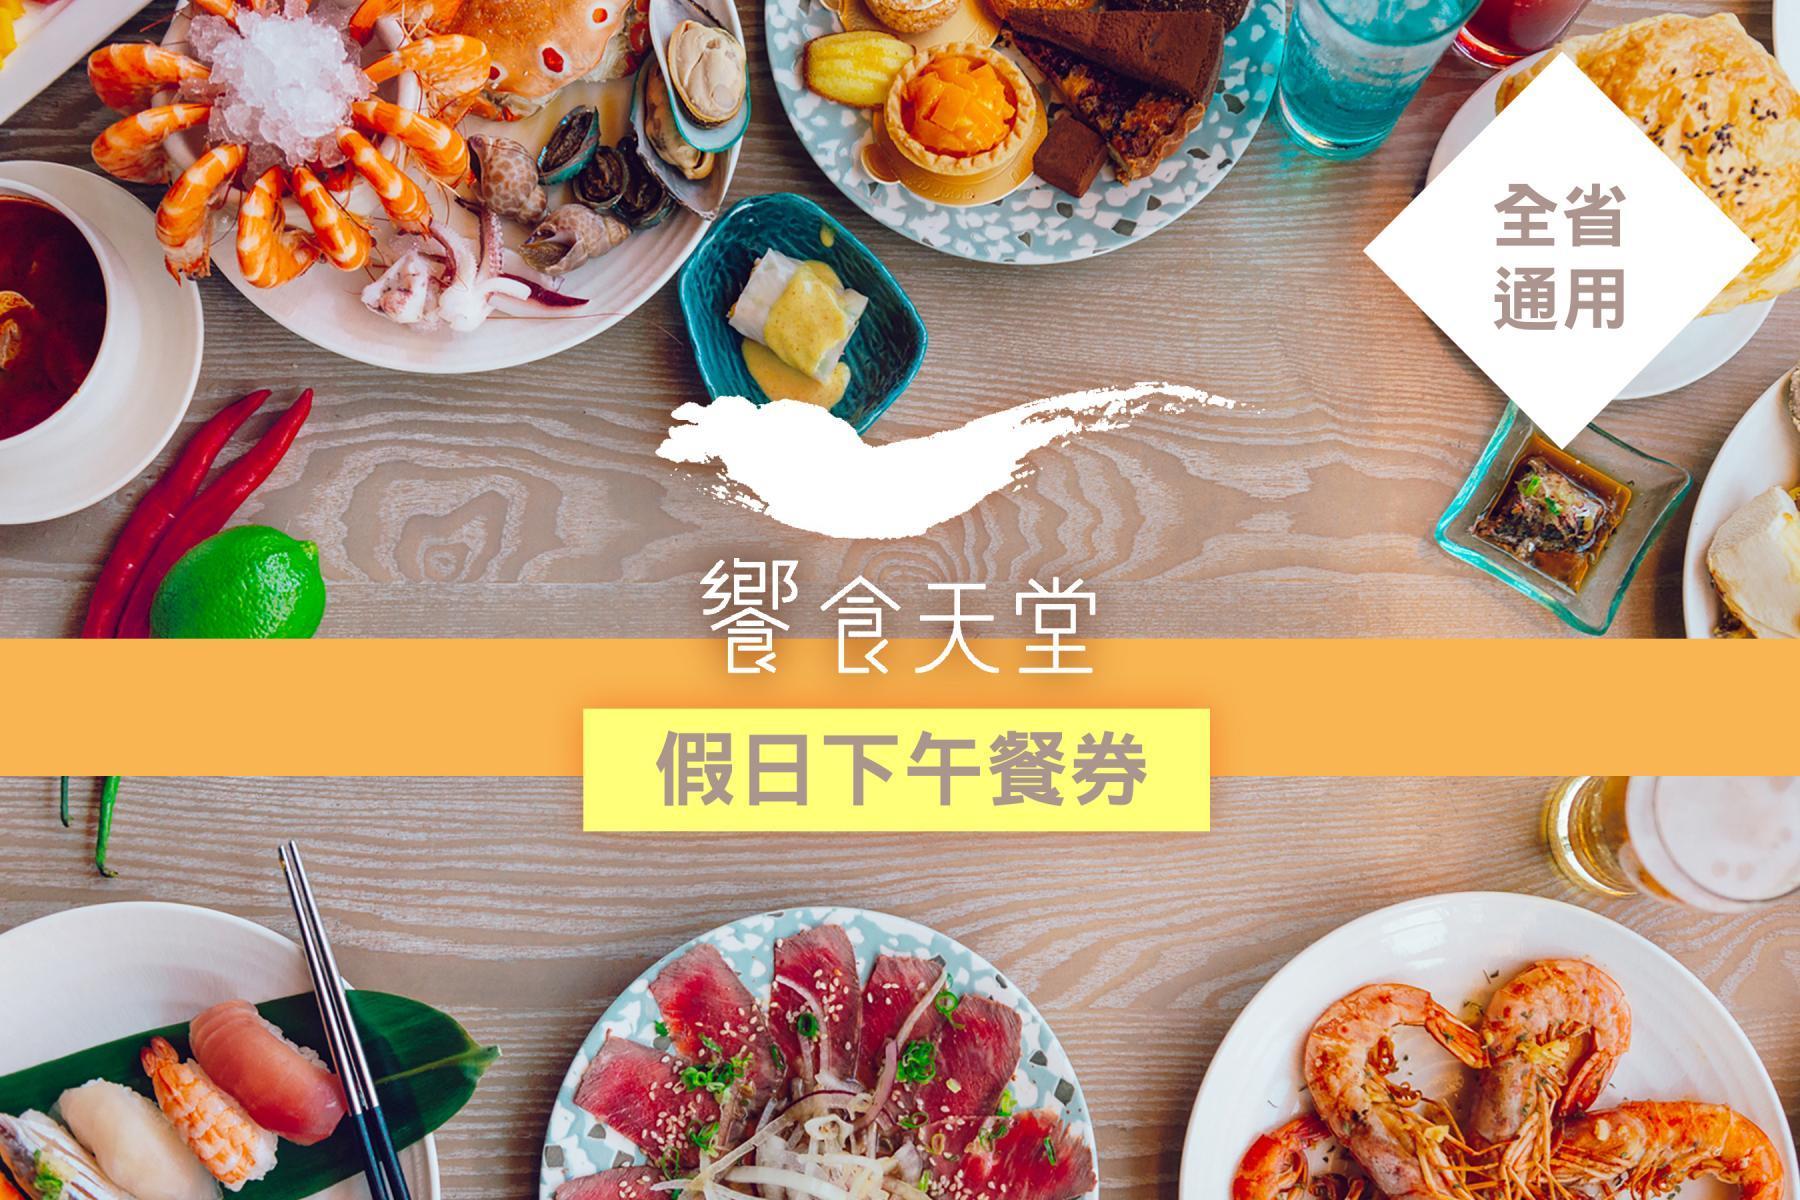 全省饗食天堂-假日下午餐券